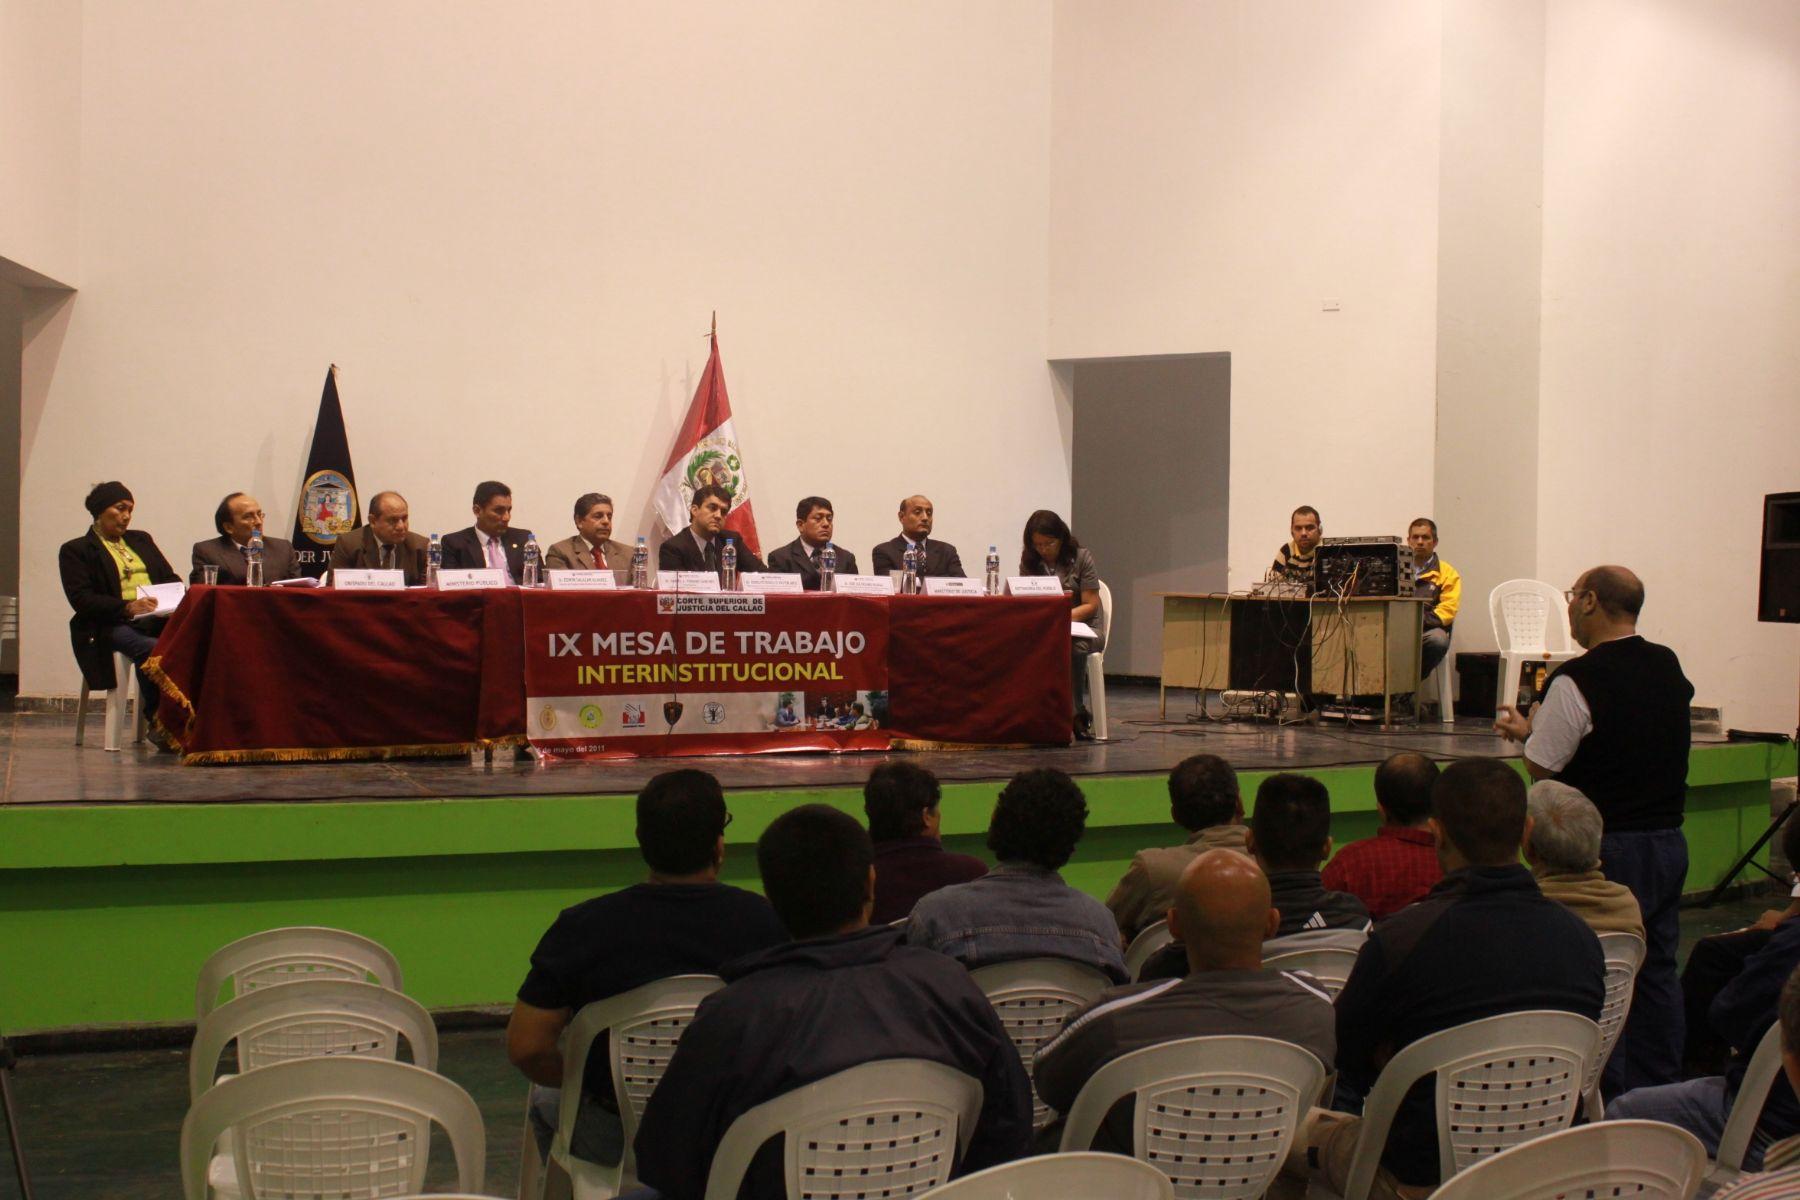 ueces del Callao dialogaron con internos del penal Sarita Colonia. Foto: ANDINA/Internet.